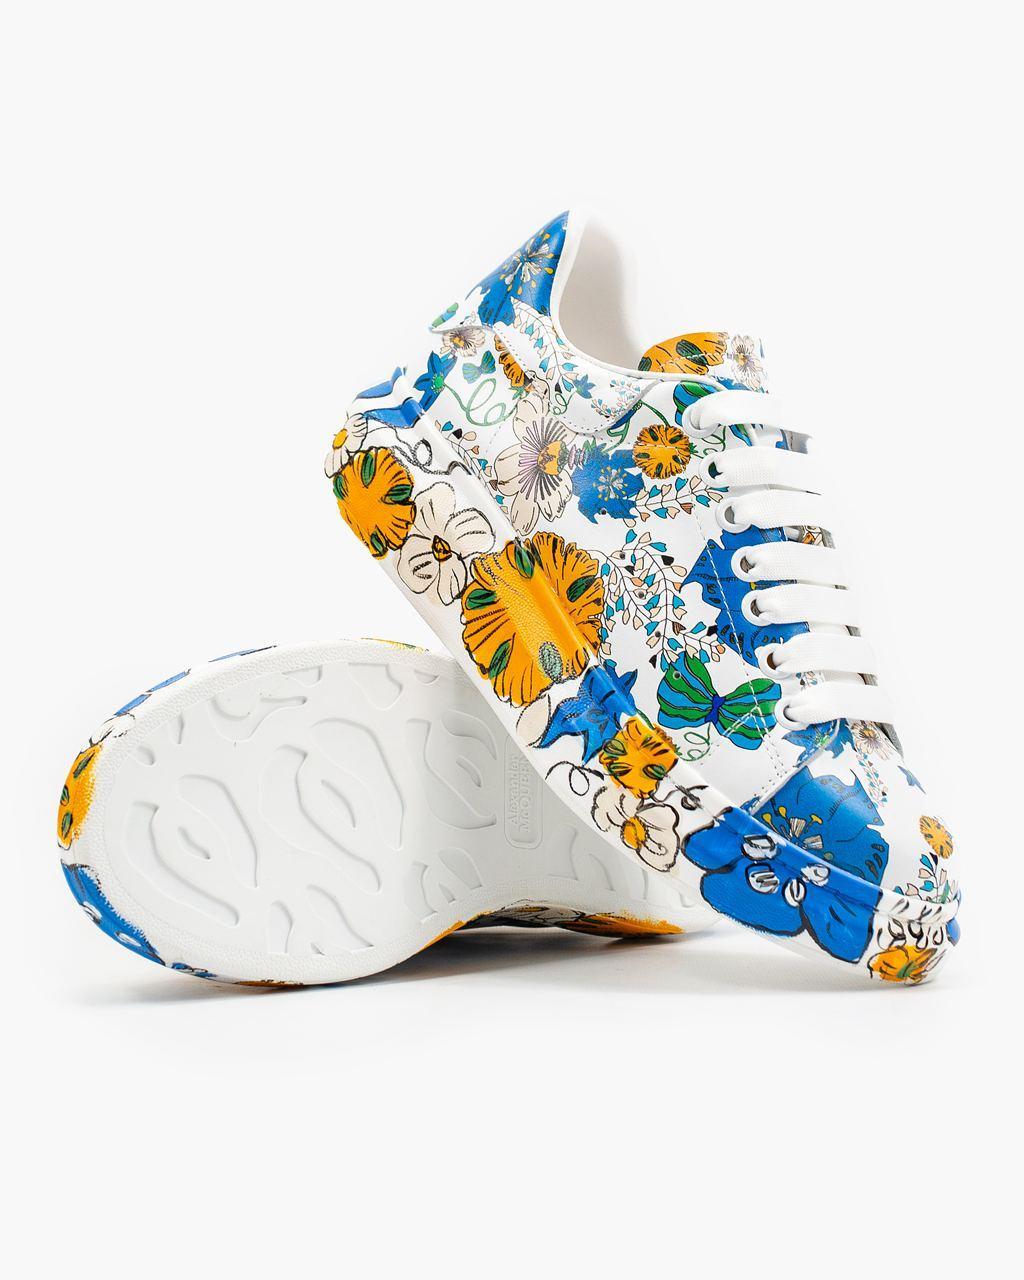 💕 Кросівки, кеди жіночі Alexander McQueen білі різнокольорові розмальовані александер макквін кастомні